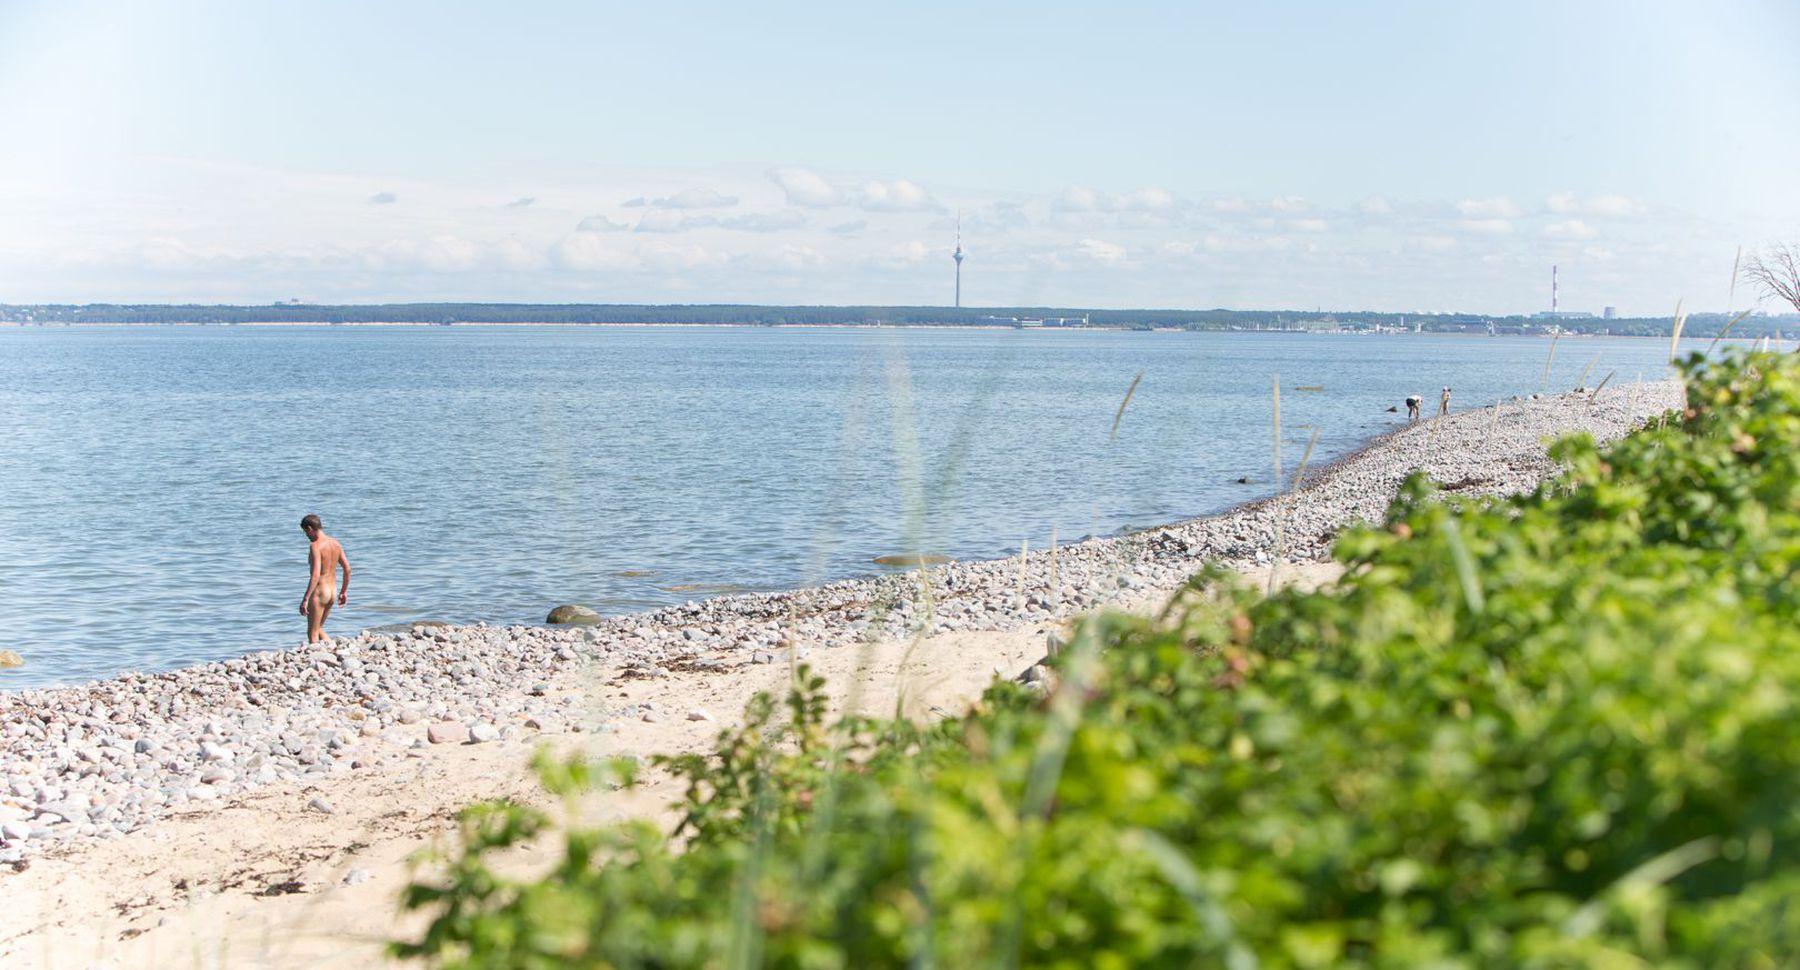 Если нудистский пляж днепропетровск сам Боровиков